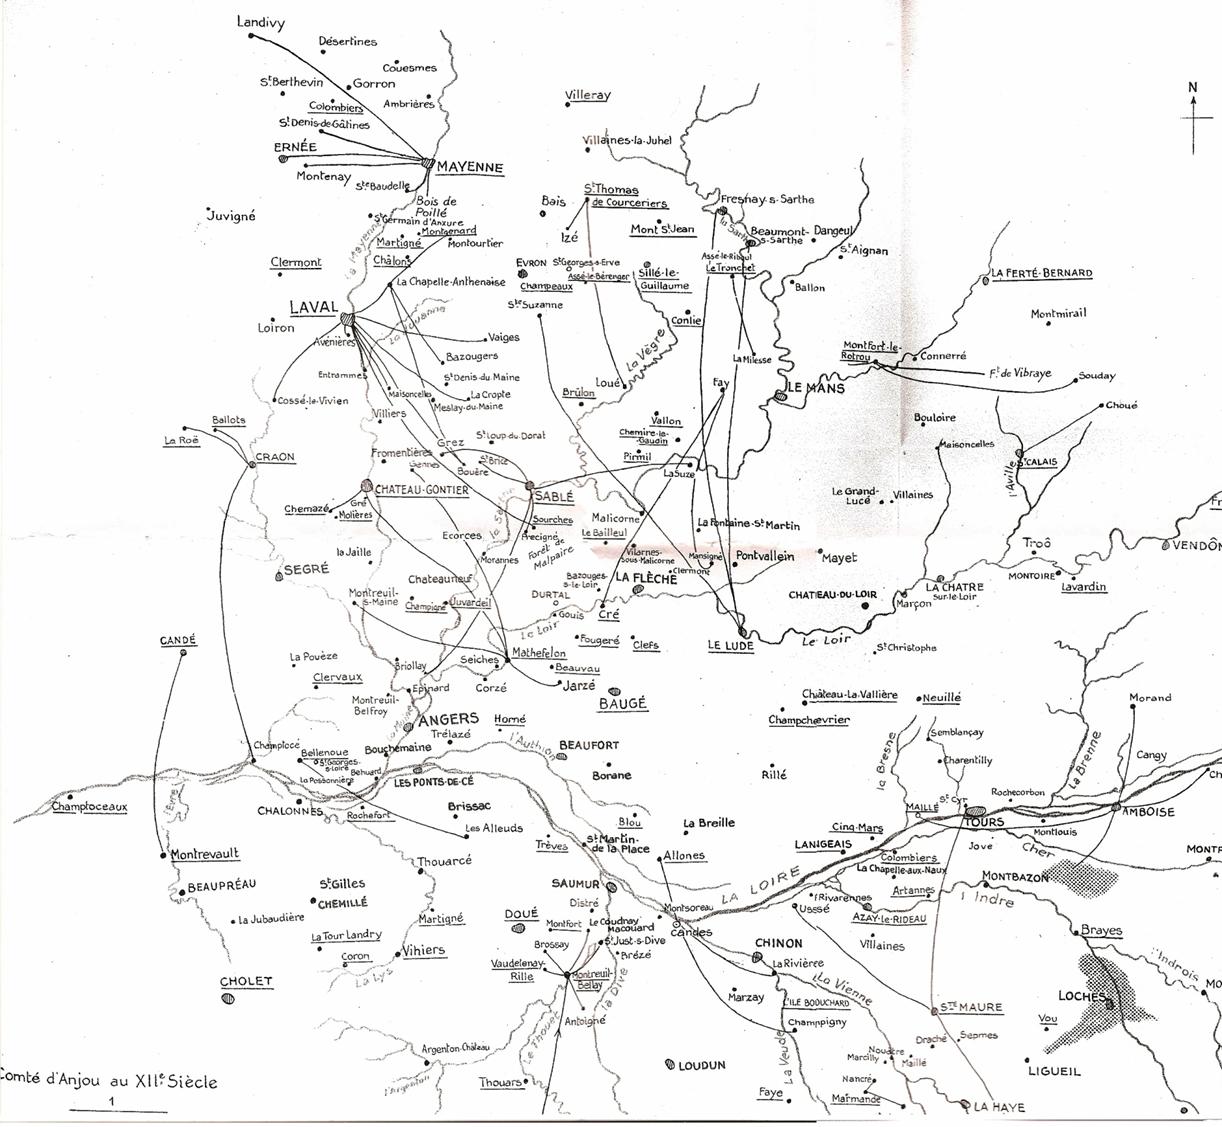 l'Anjou féodal, extrait de J. Boussard, Le comté d'Anjou d'Henri Plantagenêt à la conquête de Philippe Auguste (1938)